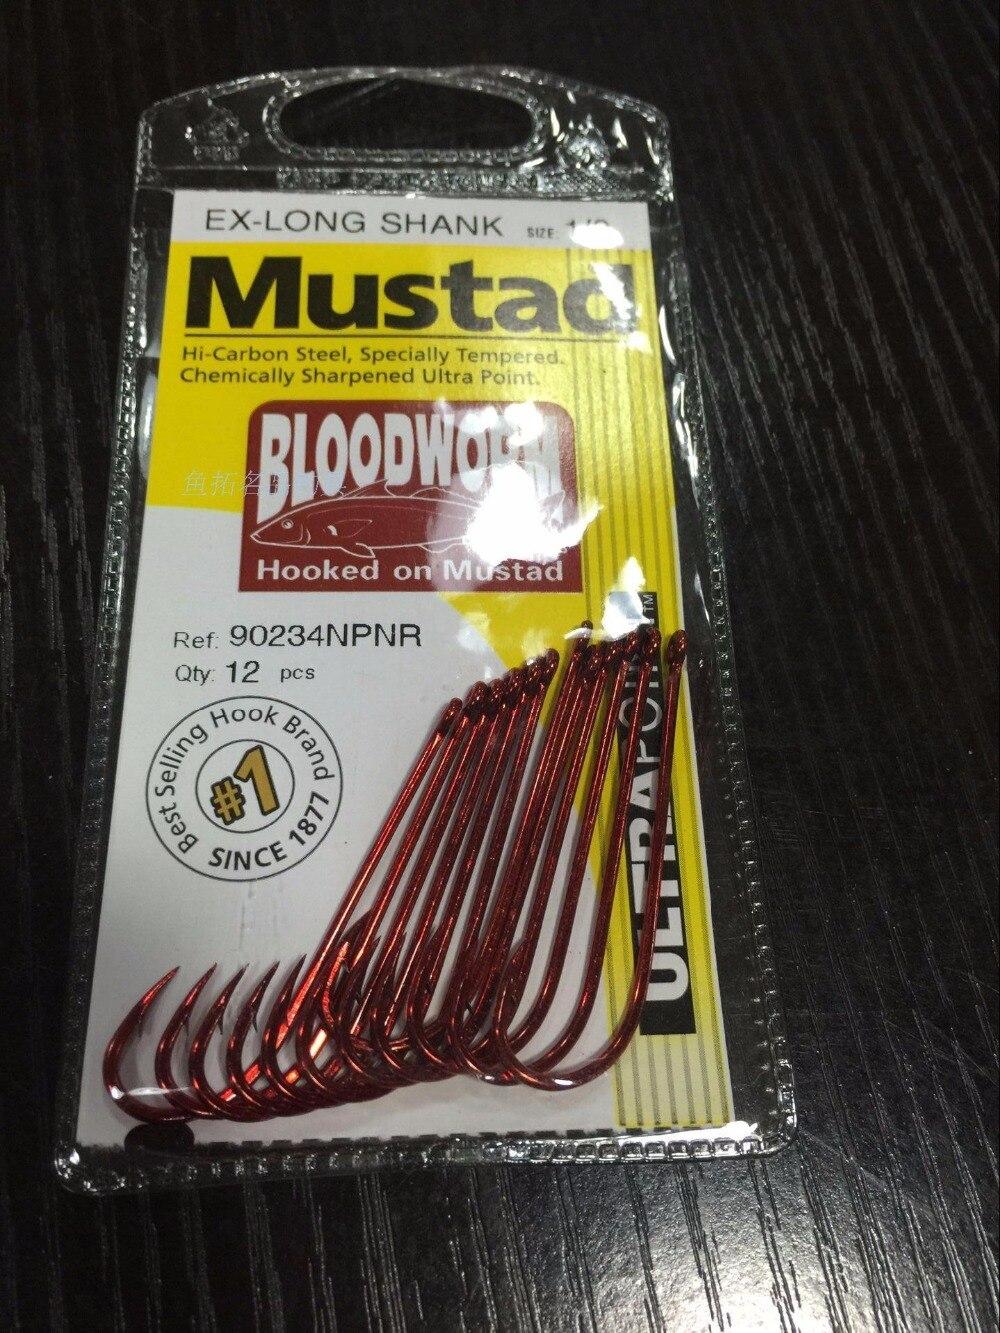 Grepa të krimbit të mustadës së gjakut për peshkimin e detit - Peshkimi - Foto 6